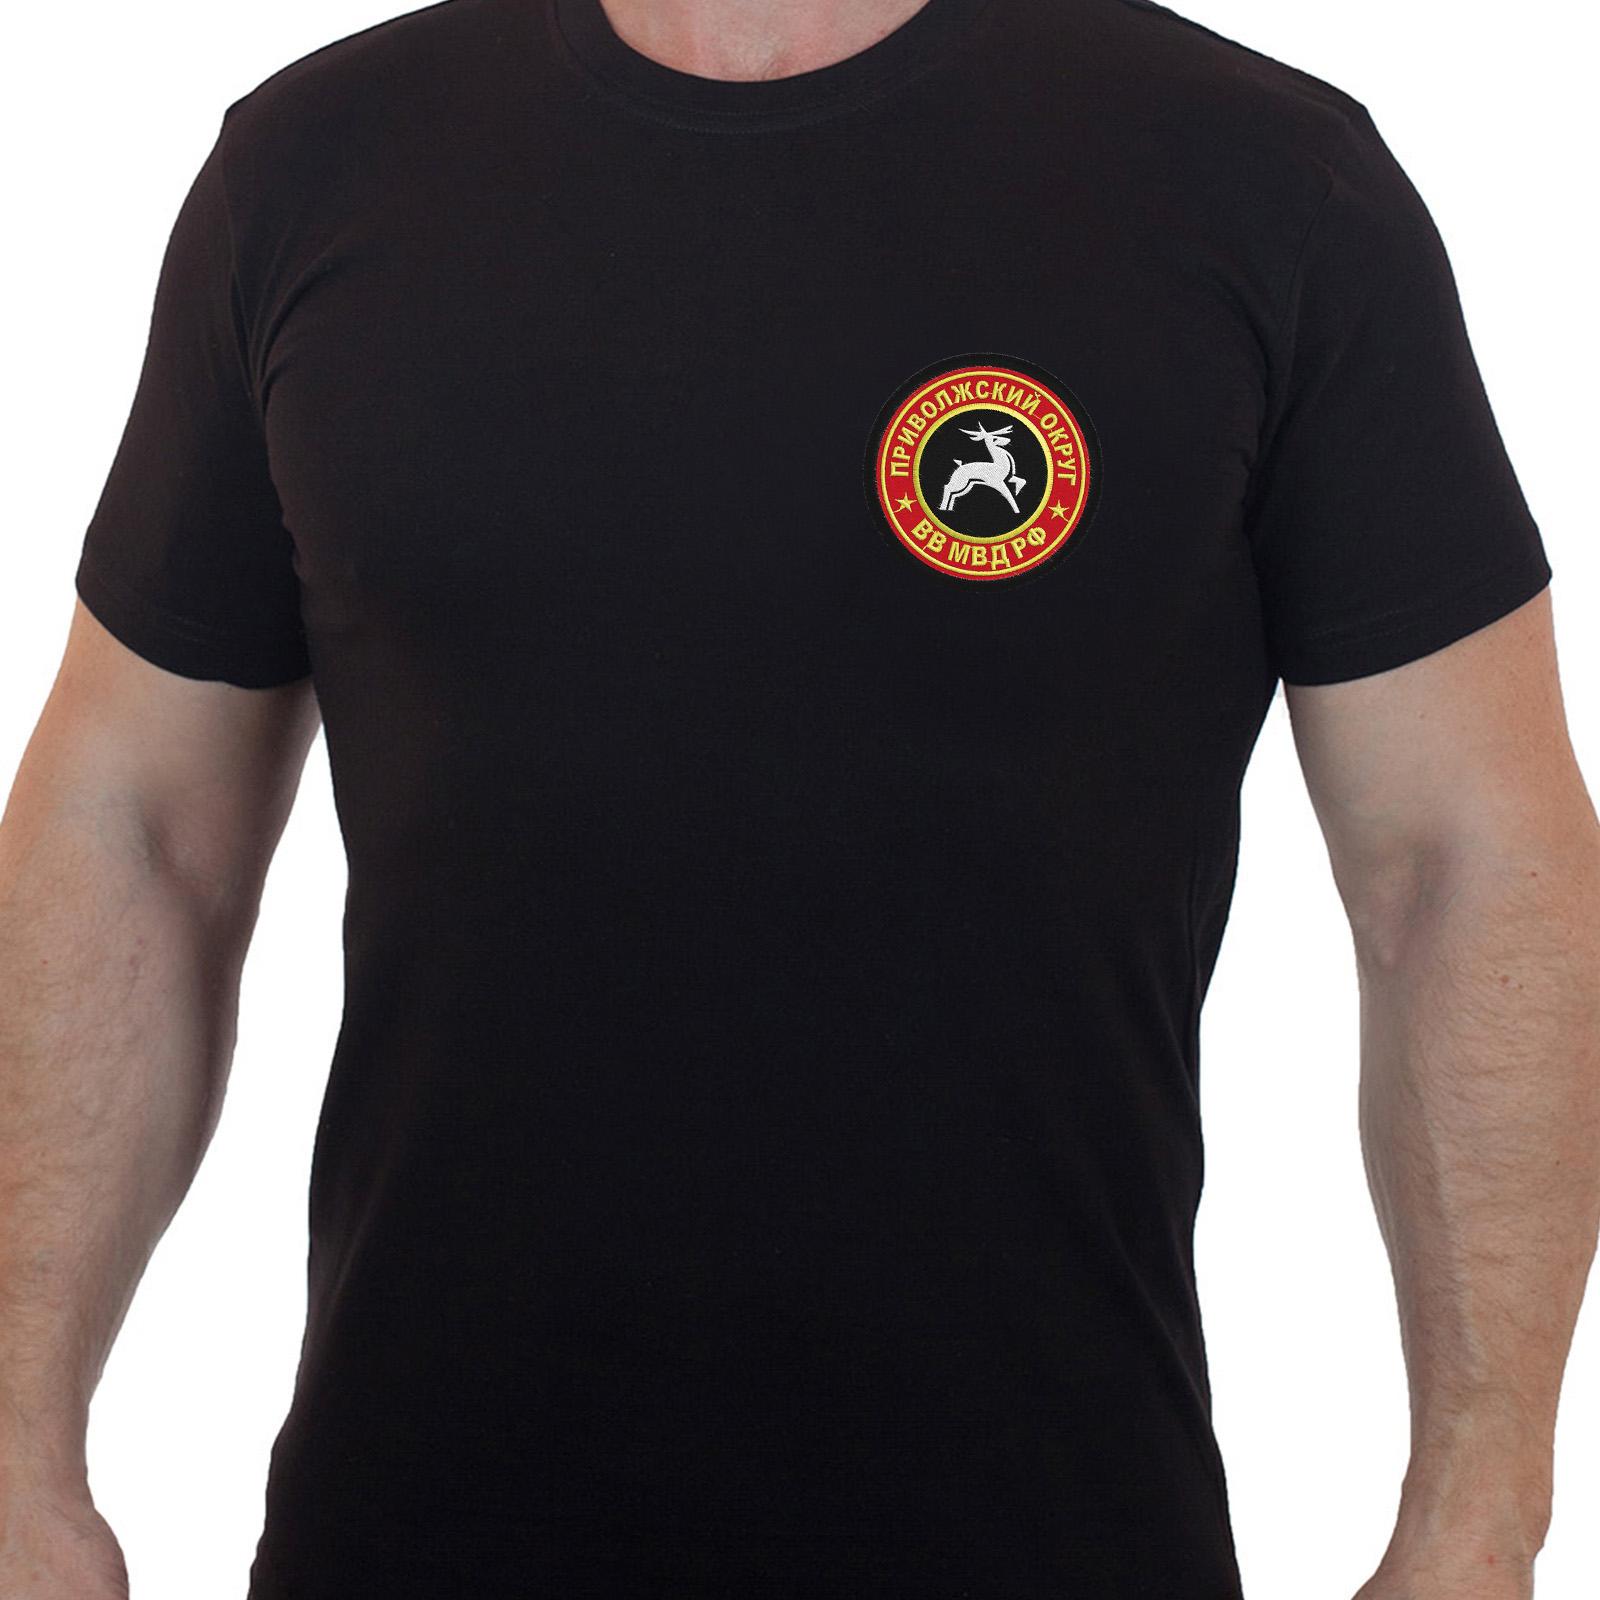 Строгая черная футболка с вышитым шевроном Приволжский Округ ВВ МВД